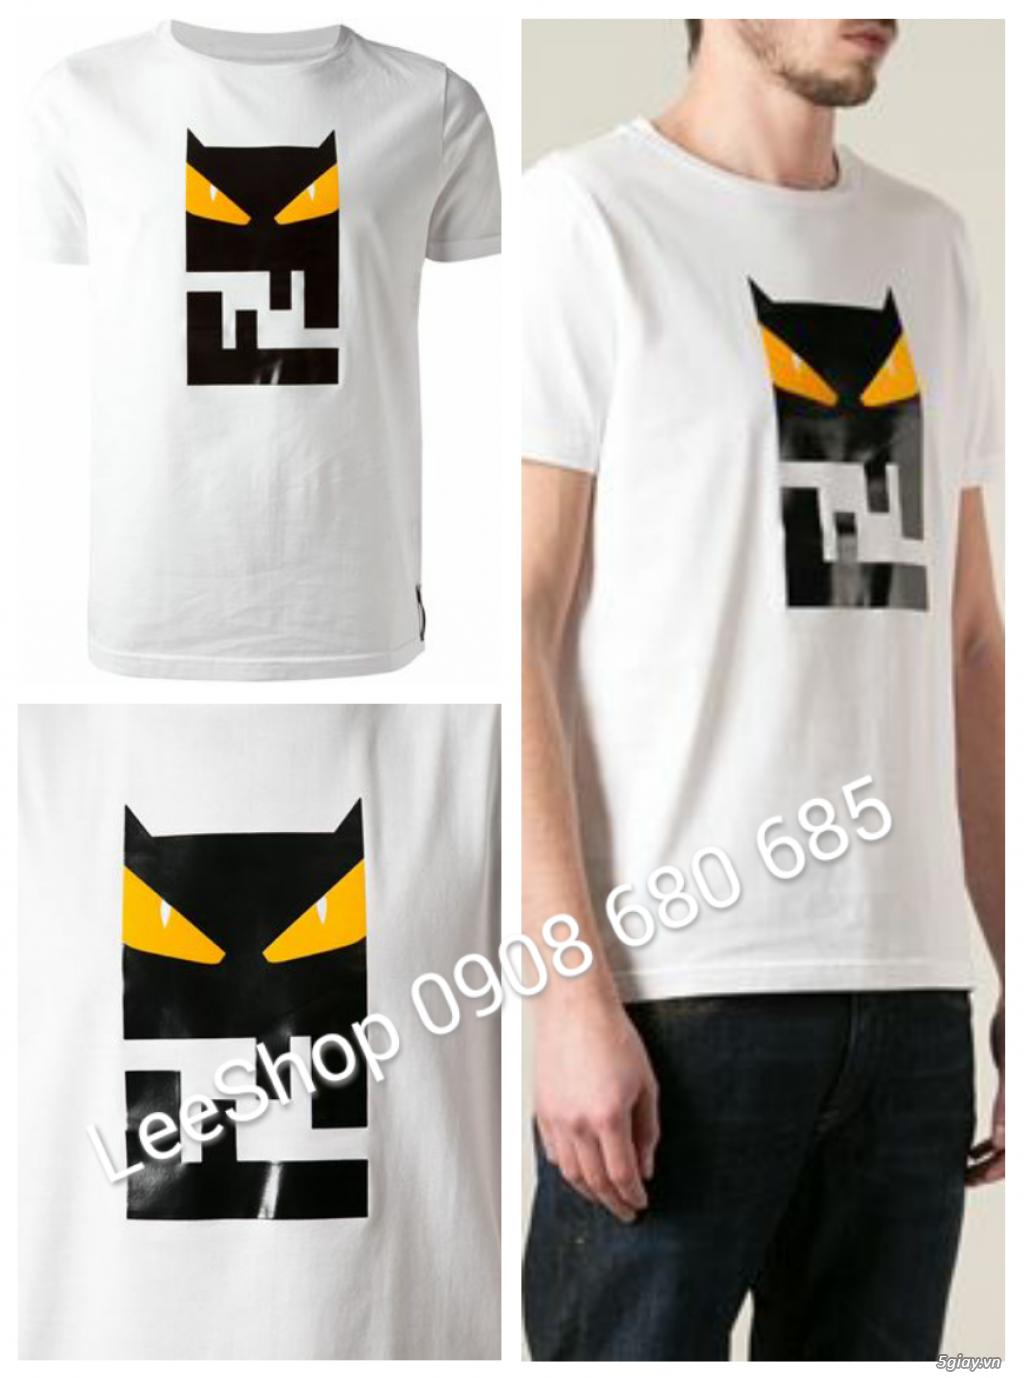 LeeShop_Chuyên quần áo thời trang - 46